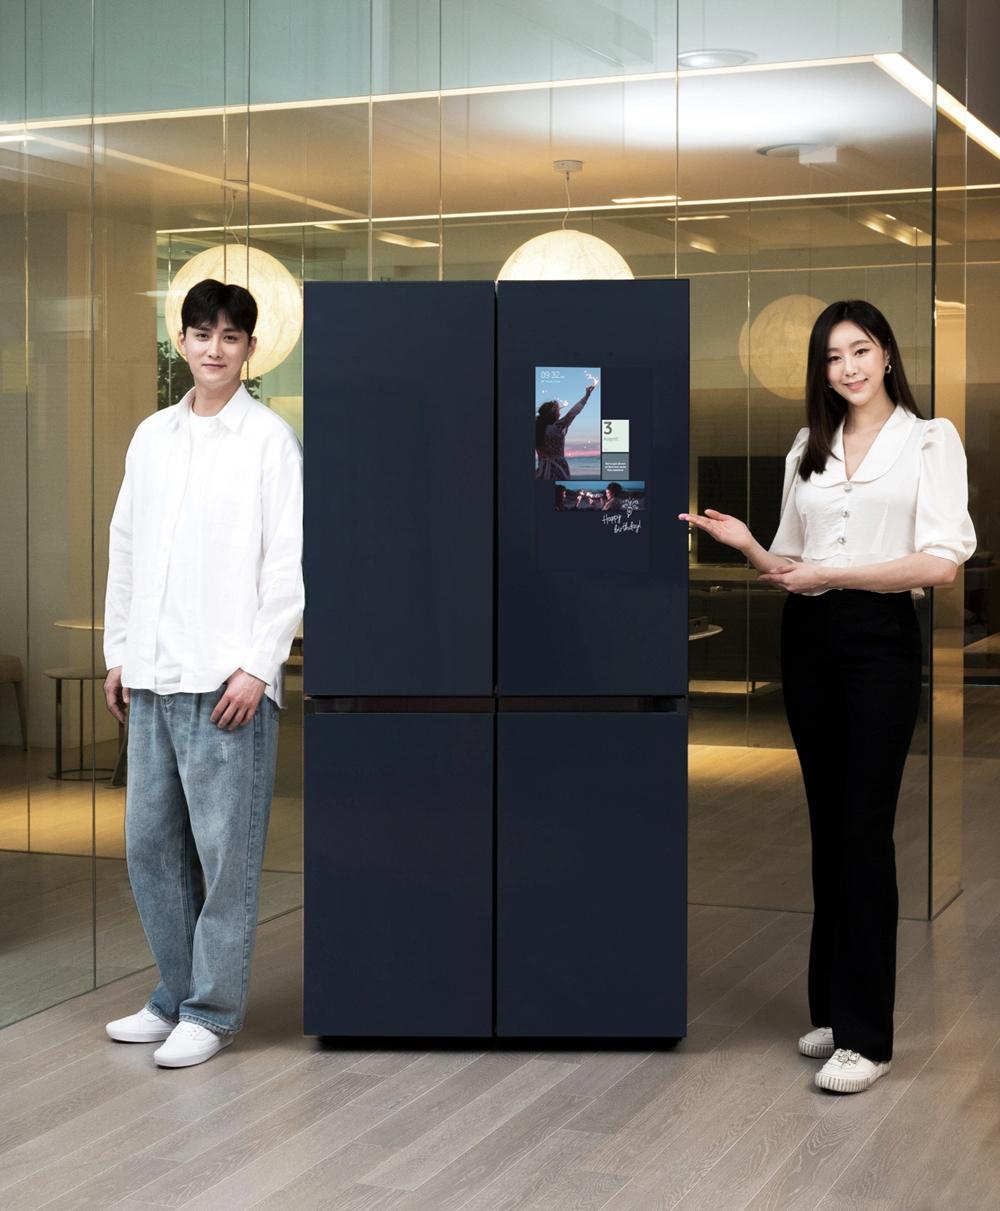 패밀리허브 적용한 비스포크 냉장고 출시(3)